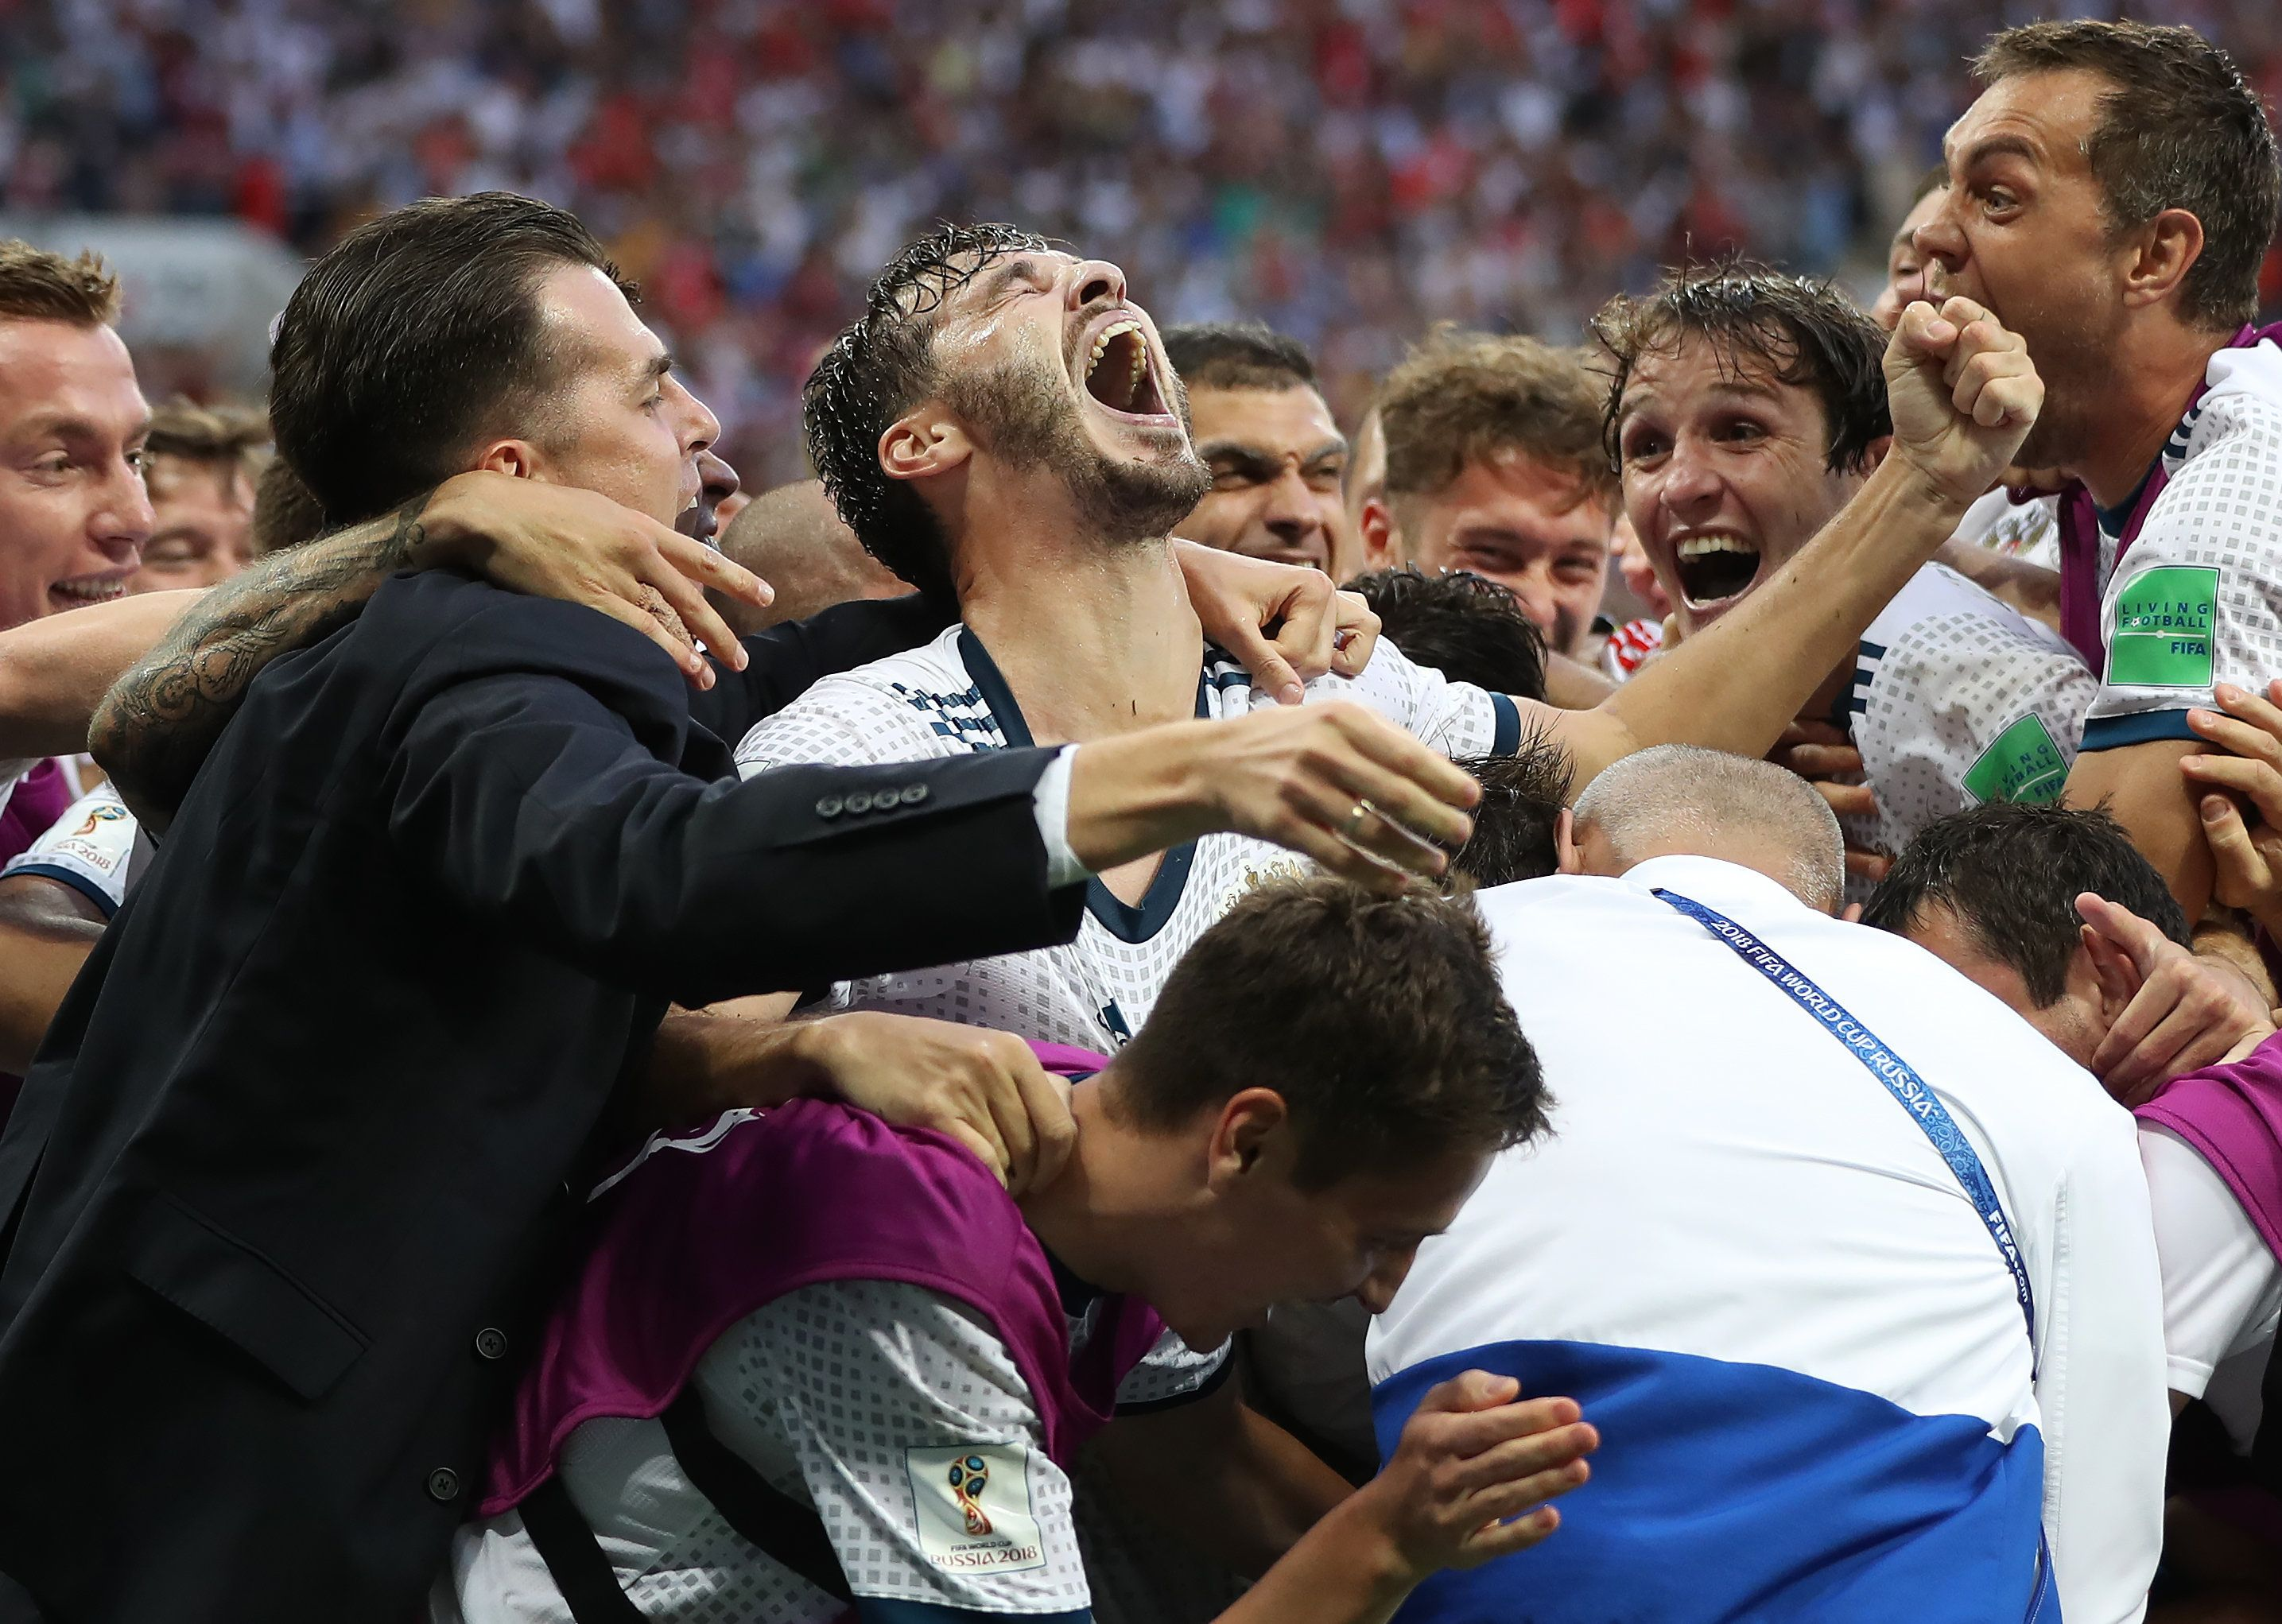 골드만삭스가 월드컵 결과를 예측했다가 계속 망신당하고